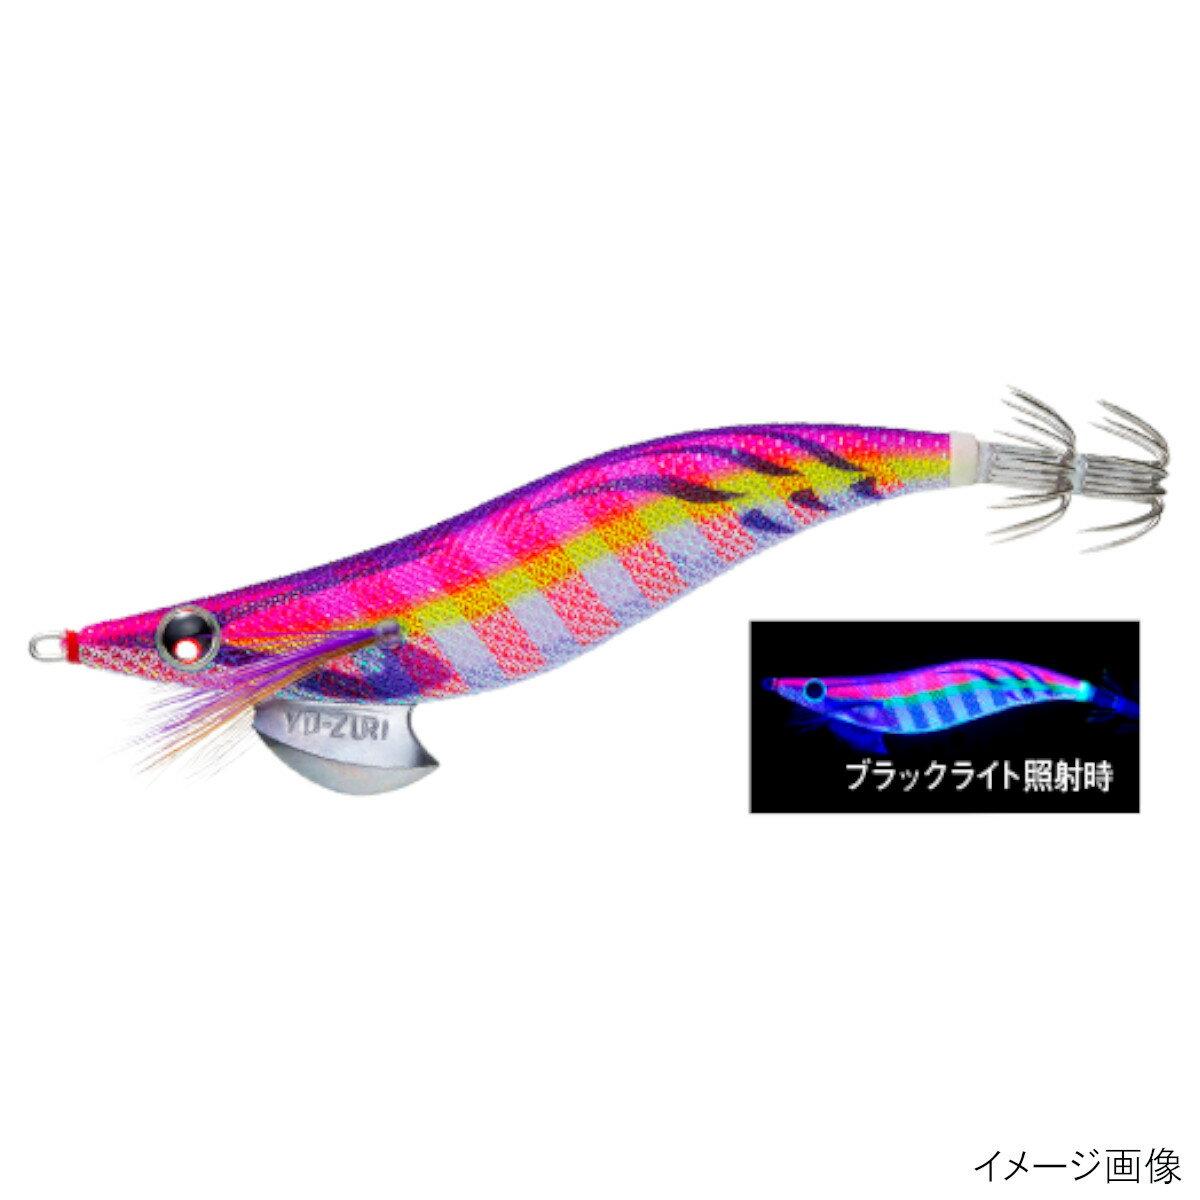 デュエルヨーヅリアオリーQ3.5号21.KVRPケイムラレッドパープル【ゆうパケット】